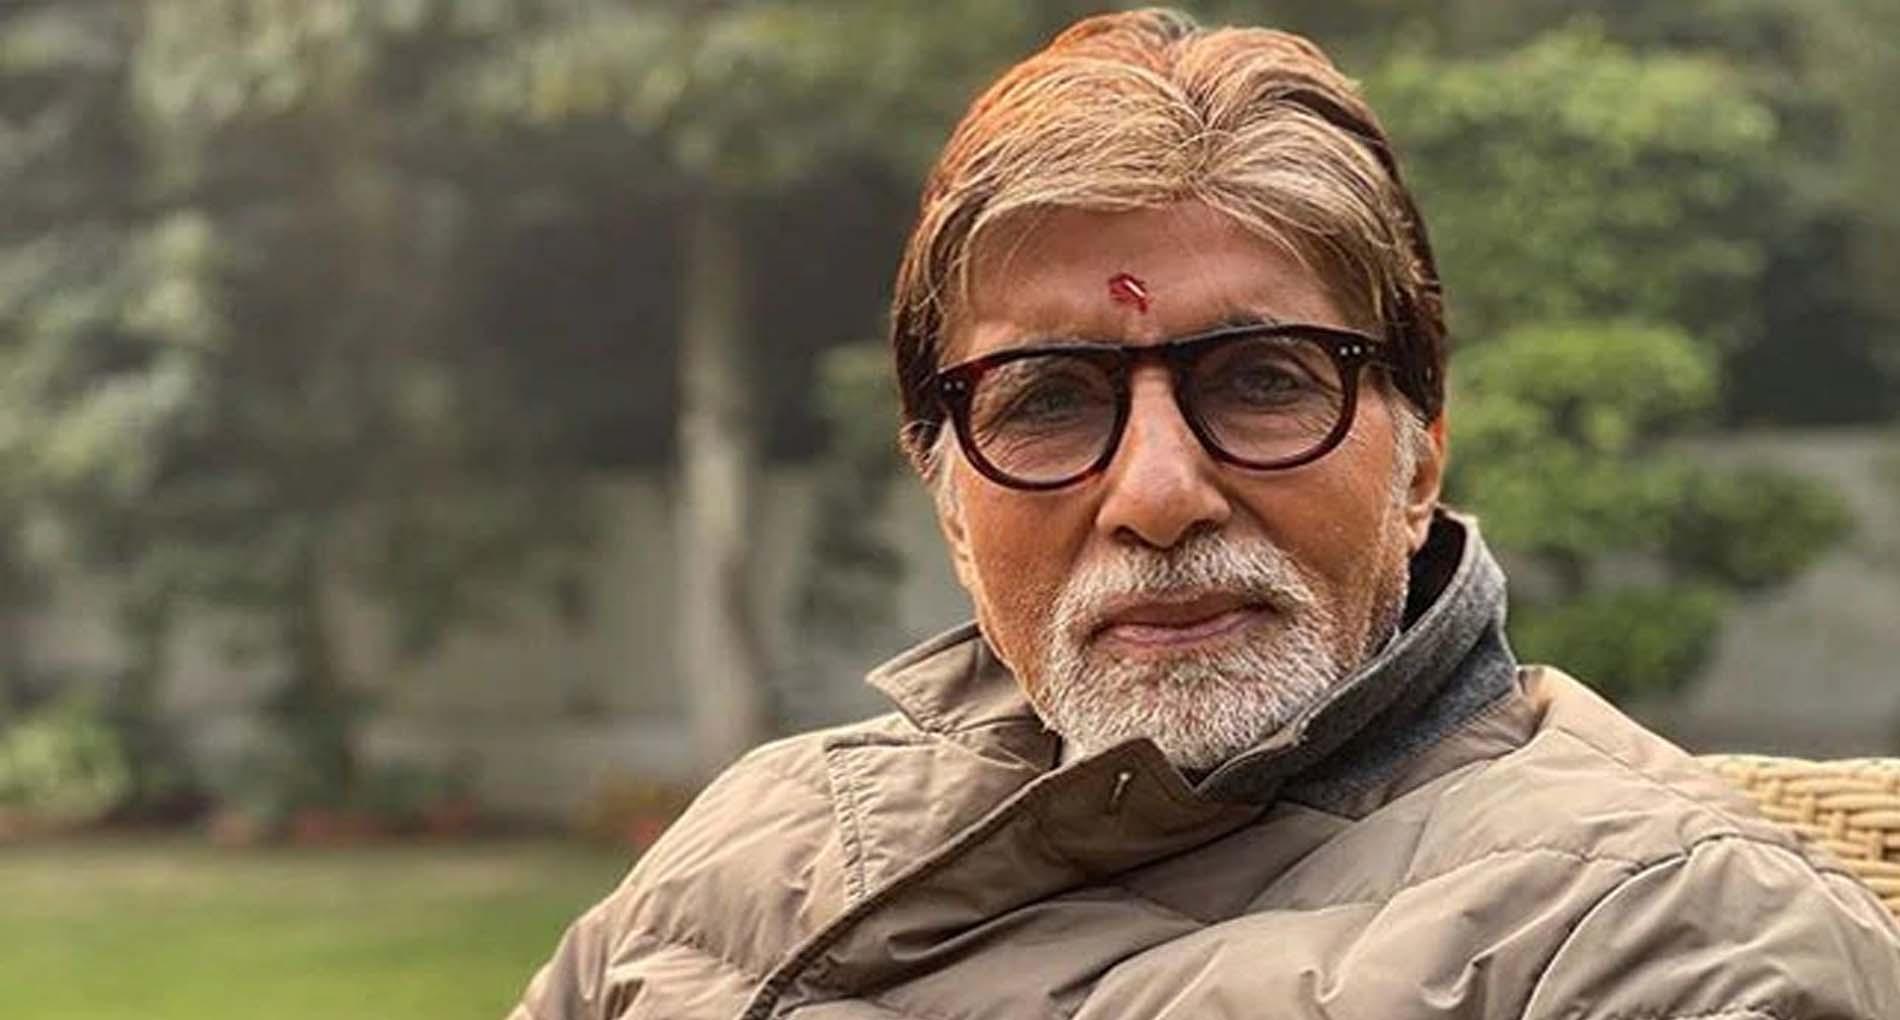 शूटिंग के पहले दिन नर्वस हुए अमिताभ बच्चन! ट्वीट कर कहा- 'हालत खराब, तनाव की आशंका…'